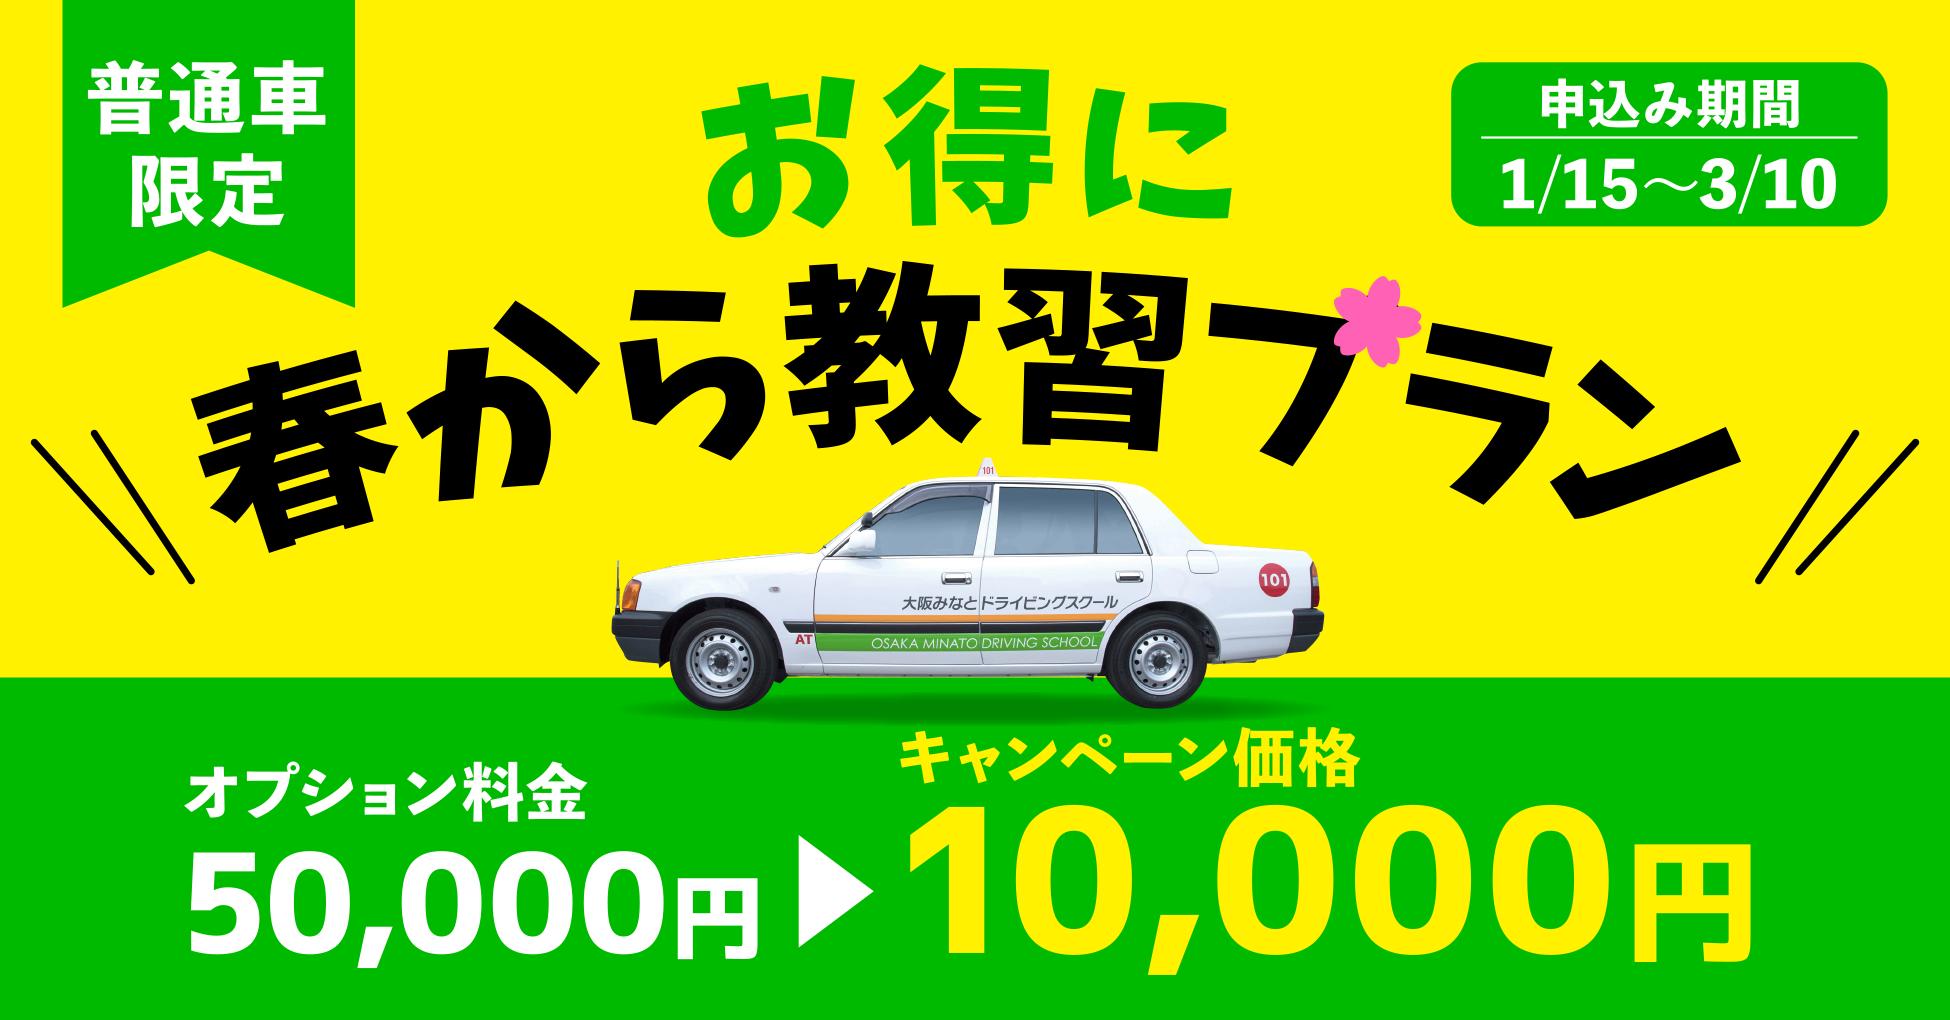 【四輪】お得に春から教習プランキャンペーン